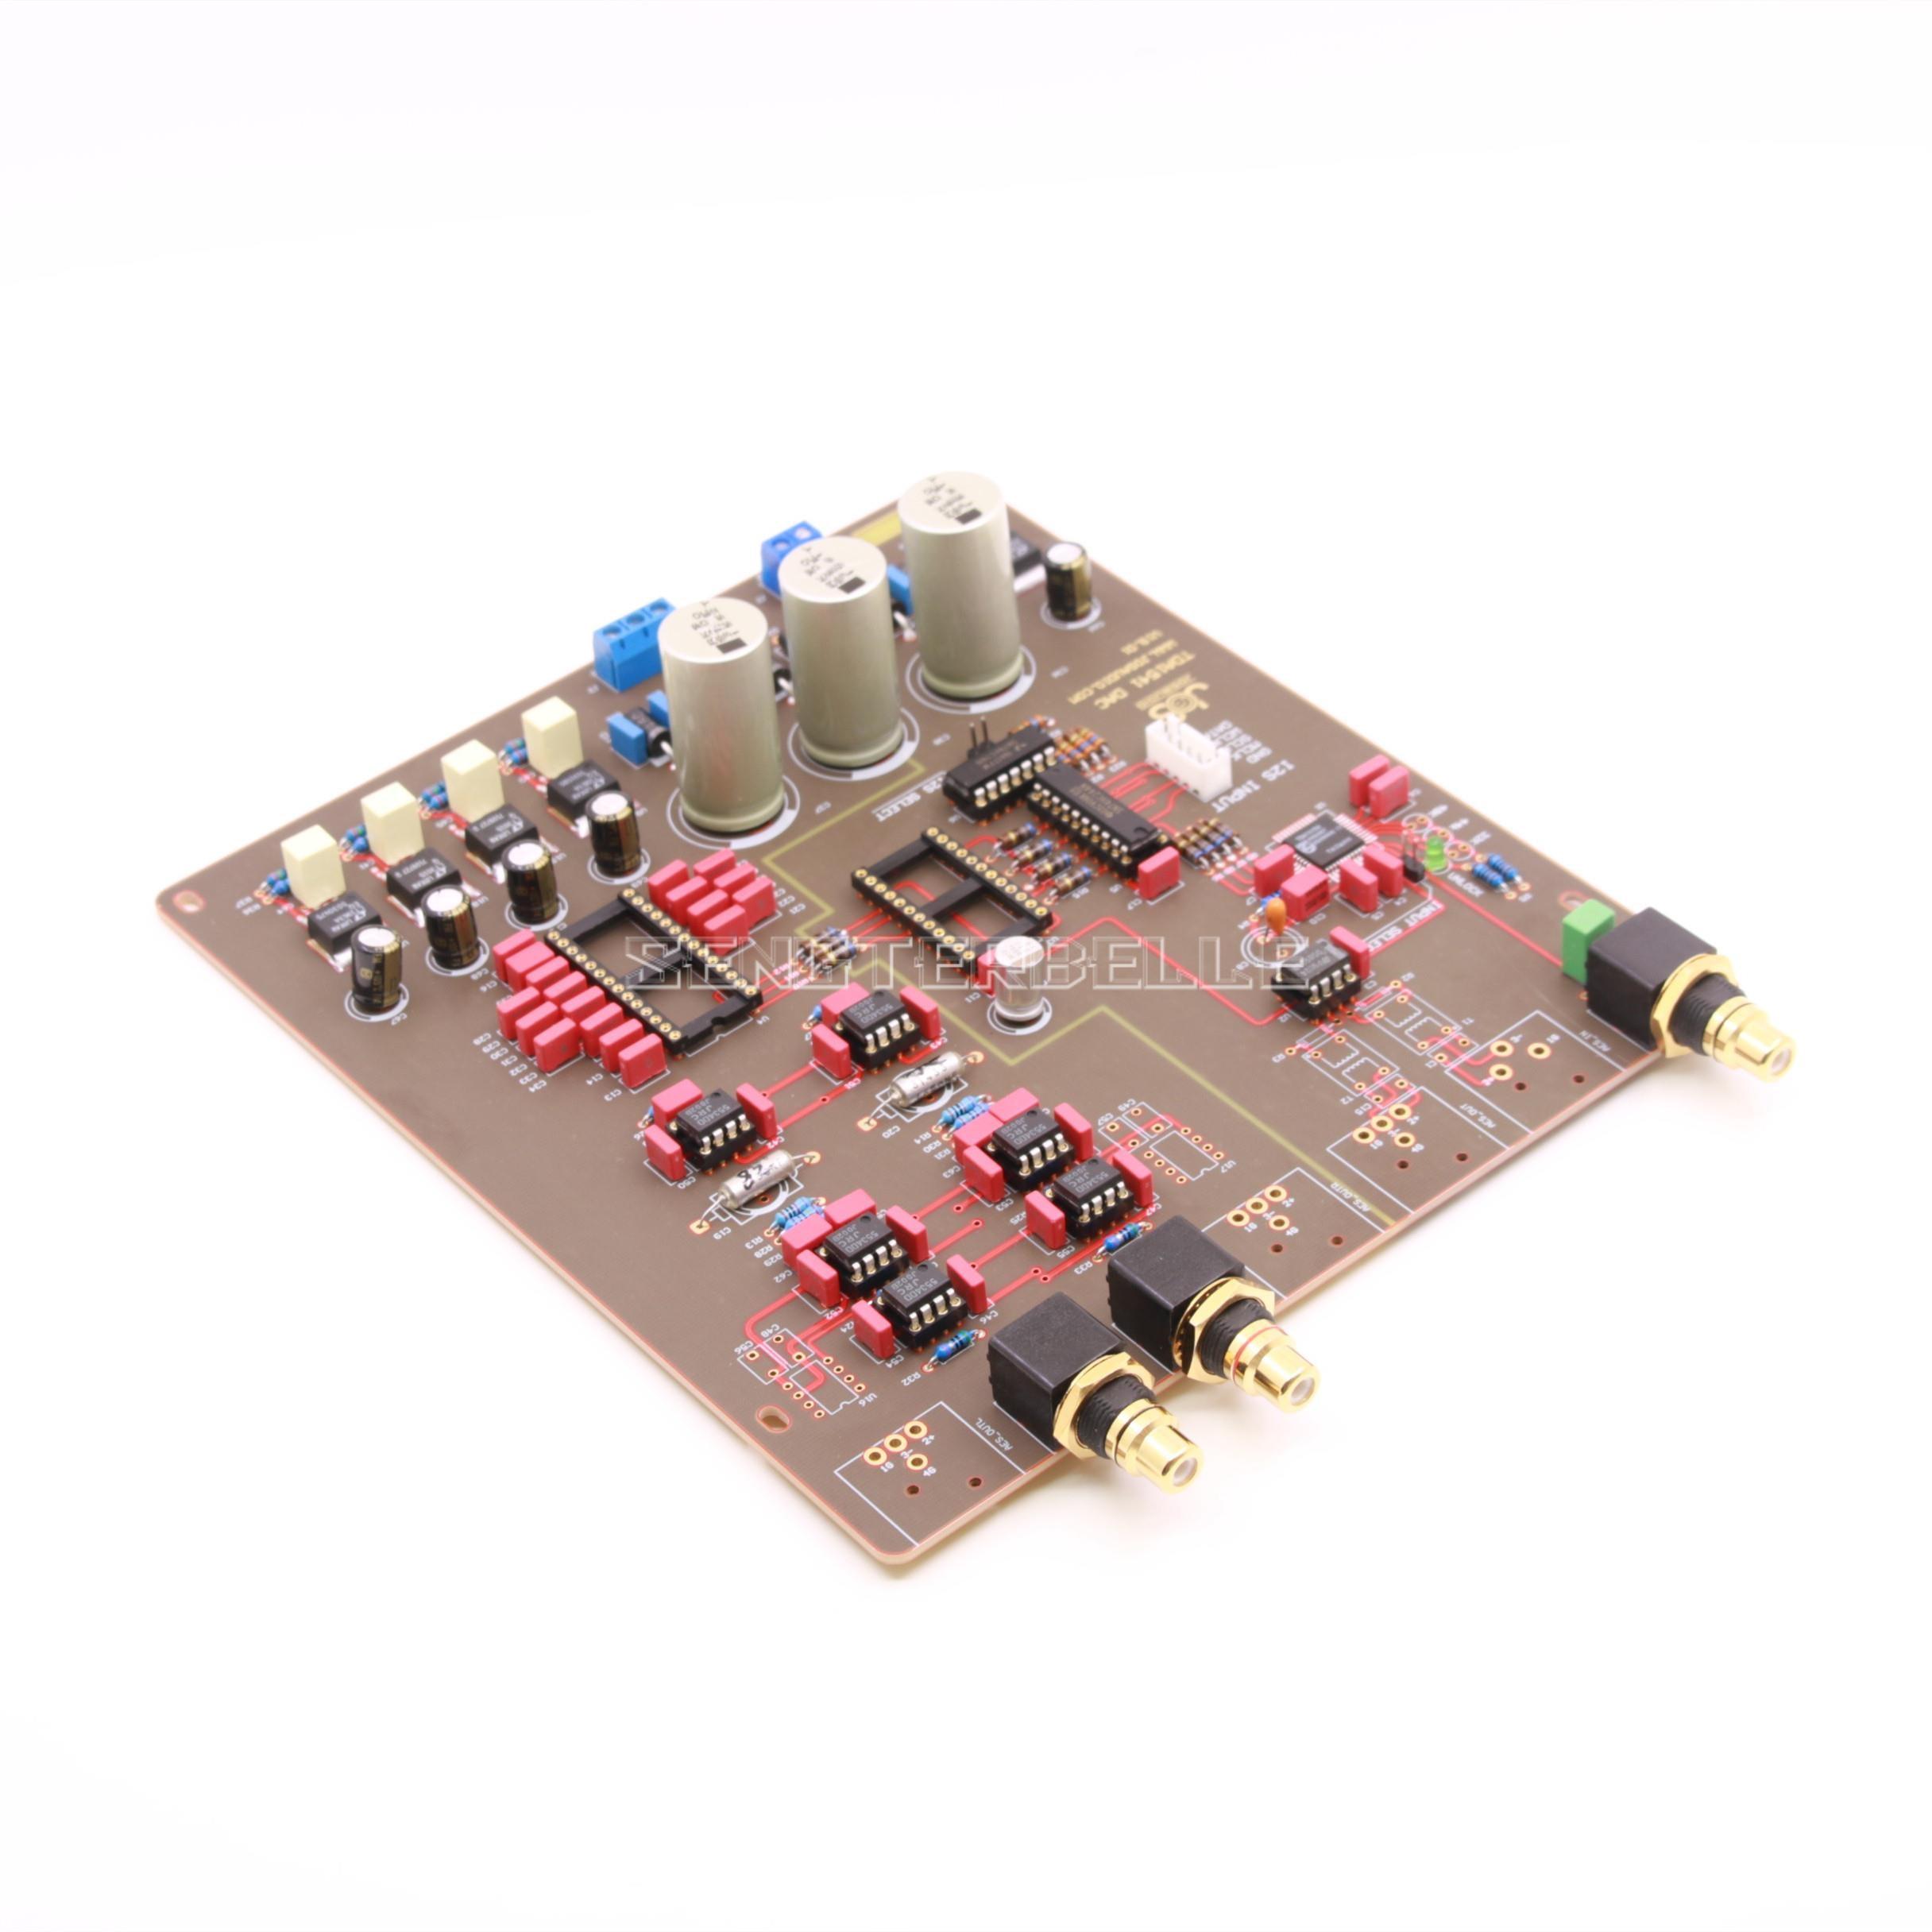 Semi-acabado TDA1541 CAD Junta convertidor de digital a analógico inspirado por Philips